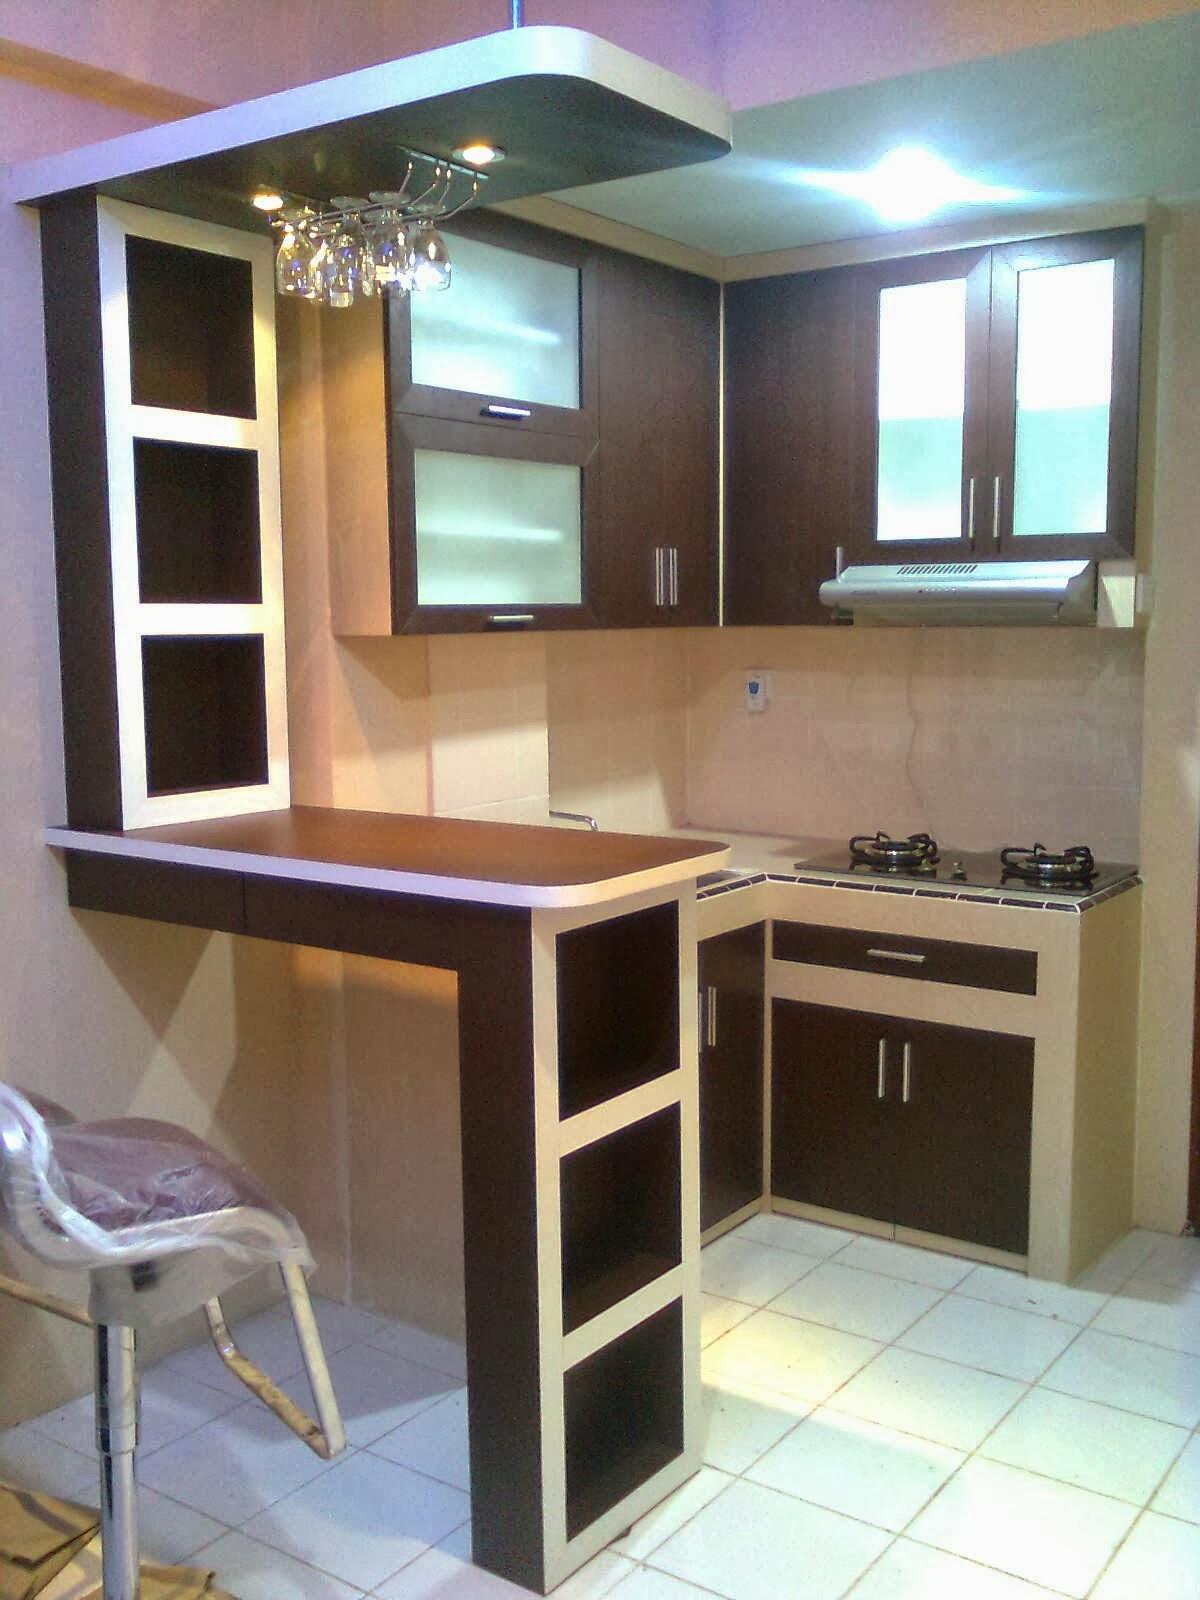 Jual rumah minimalis di bekasi rumah upin for Kitchen set murah jakarta